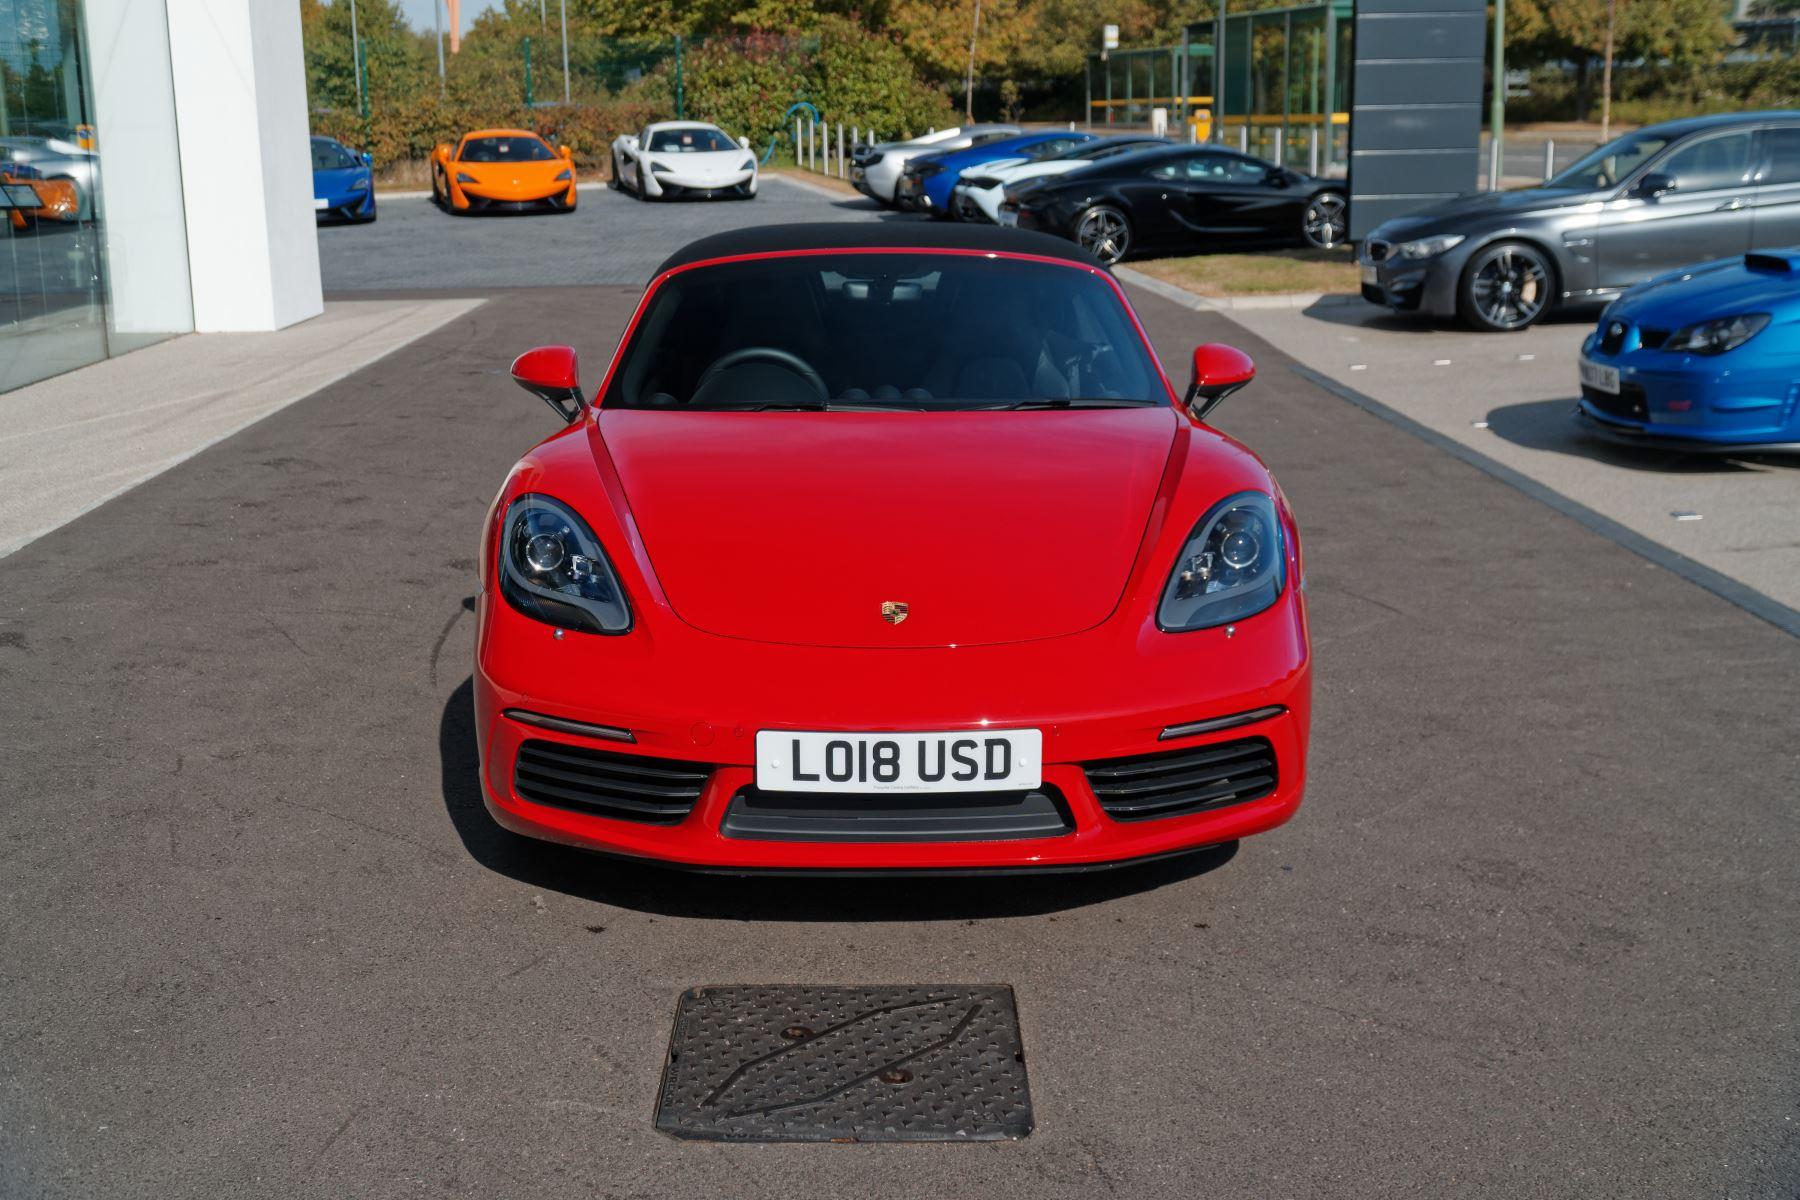 Porsche Boxster S image 2